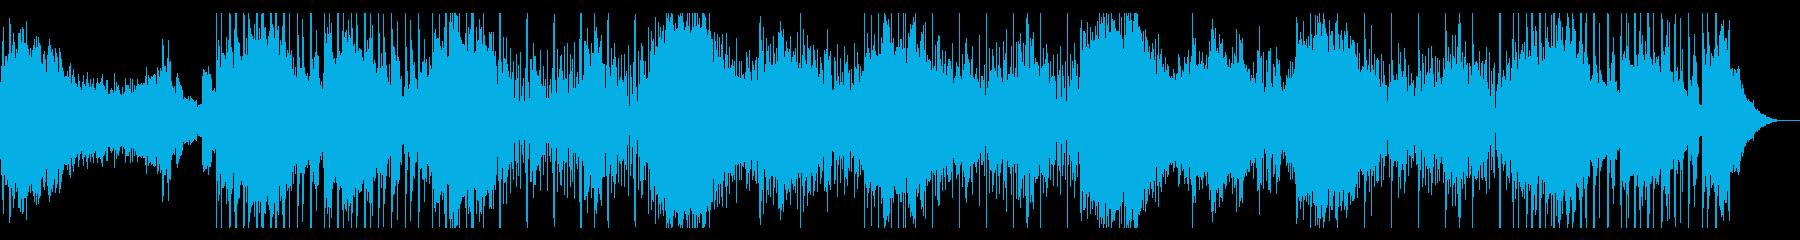 インダストリアルなホラーアンビエントの再生済みの波形